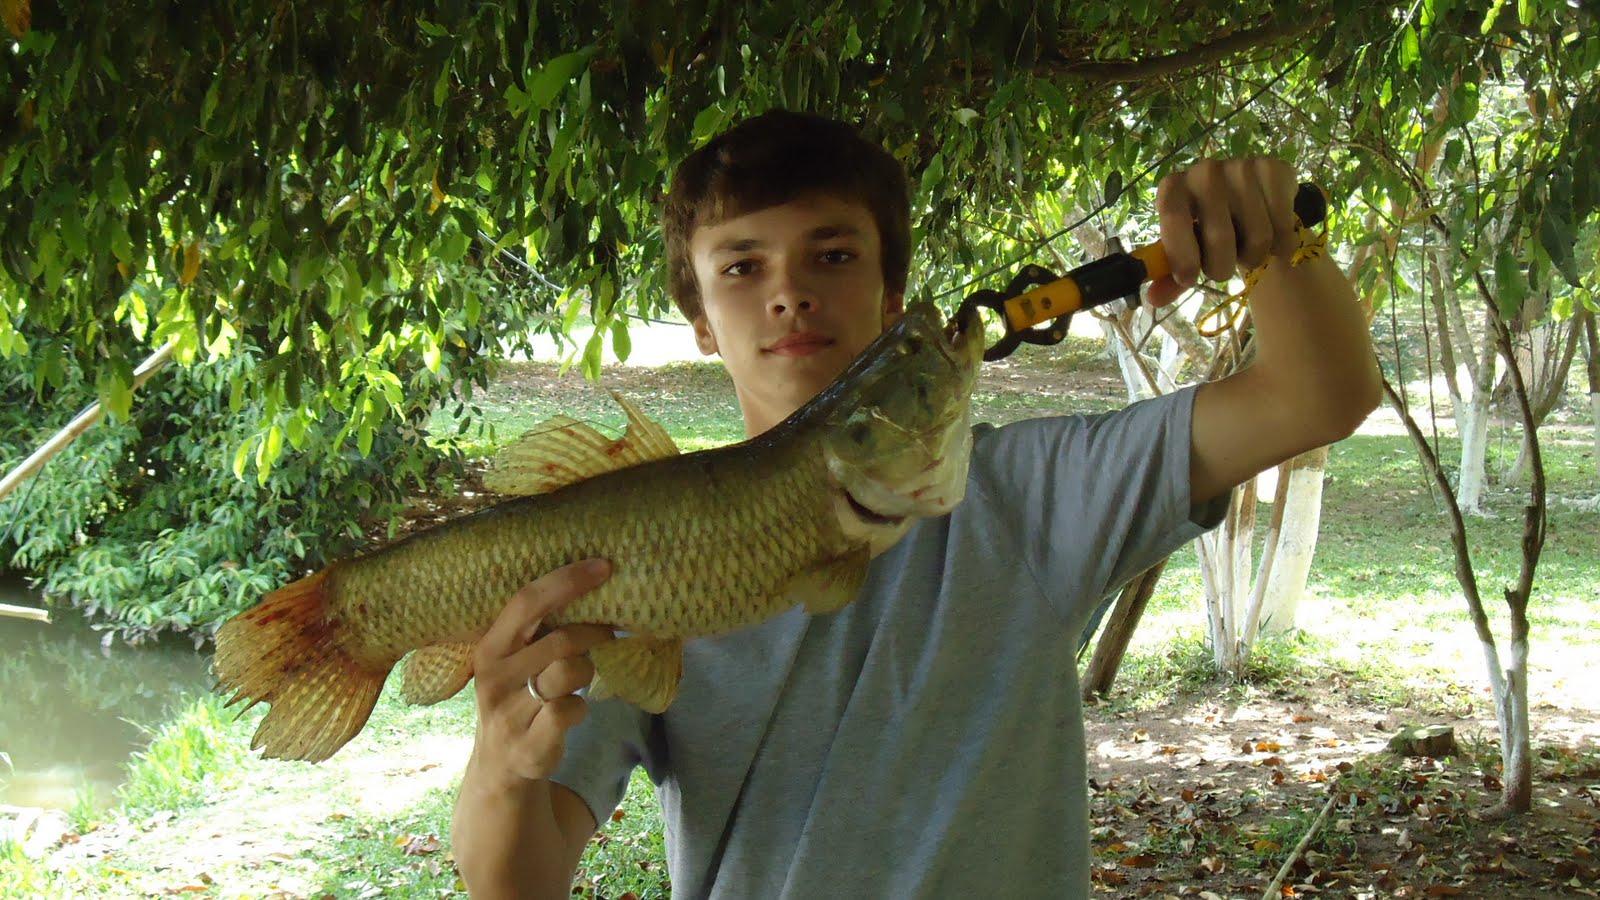 euripesca: Alguém conhece o Pesqueiro Sanga Funda?